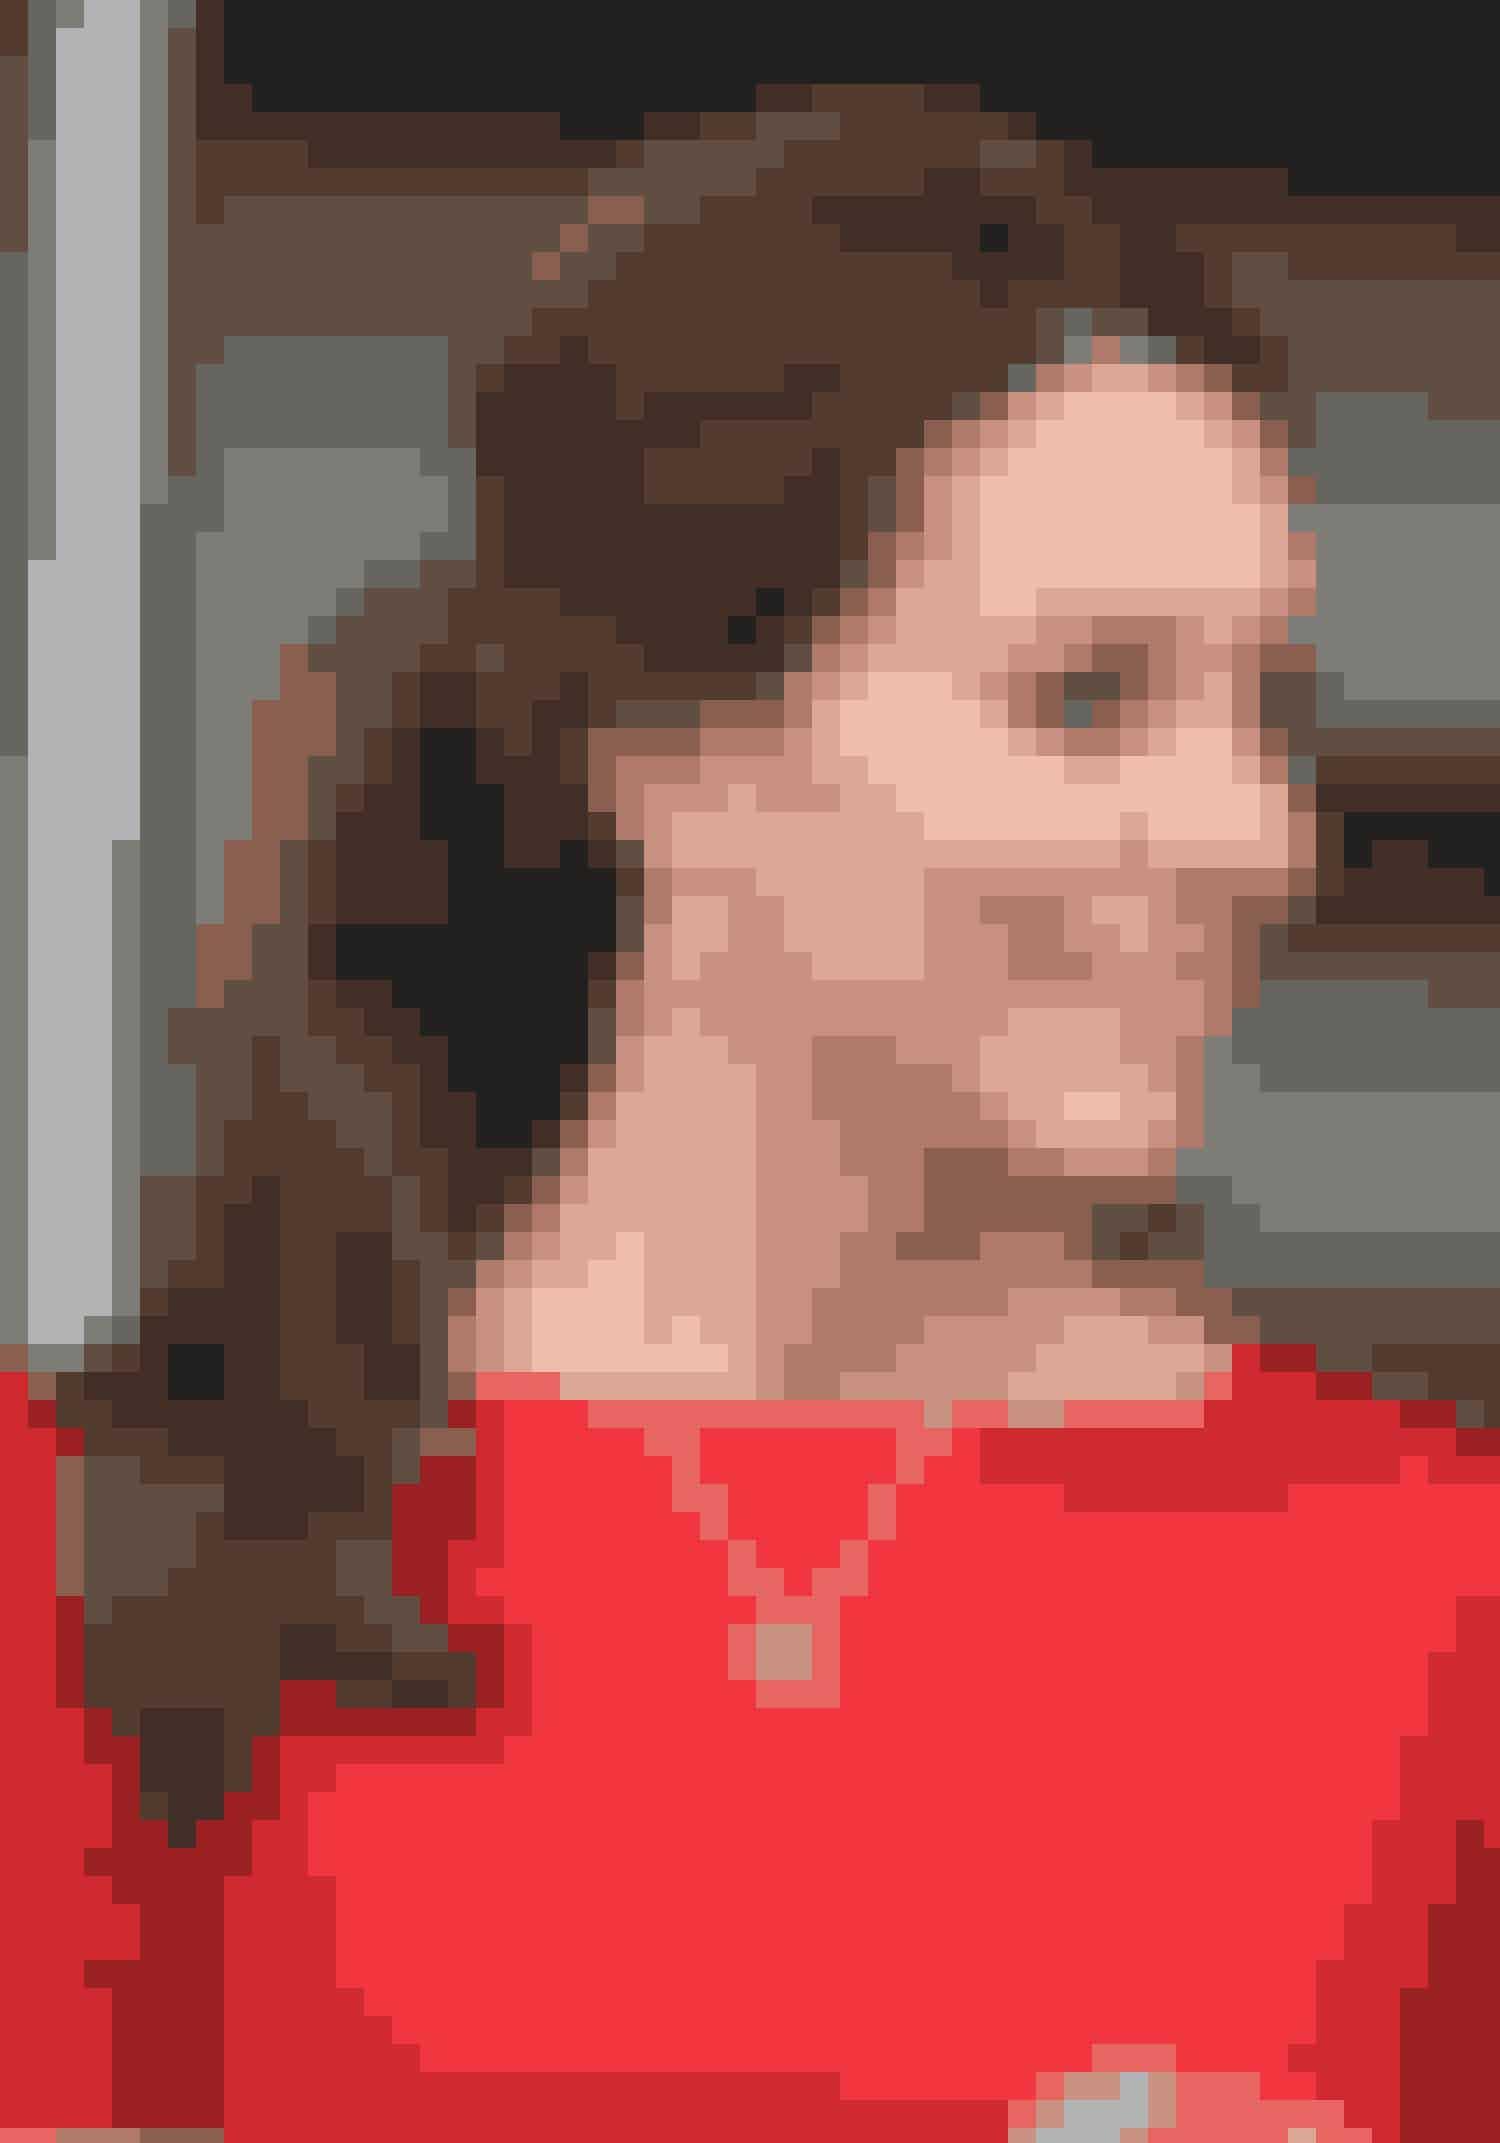 Kate MiddletonBare fordi man er en del af den britiske kongefamilie behøver man ikke være for fin til den populære hestehale. Og det kan man da heller ikke beskylde den smukke hertuginde for at være. Frisuren står perfekt til hendes nøddebrune længder.